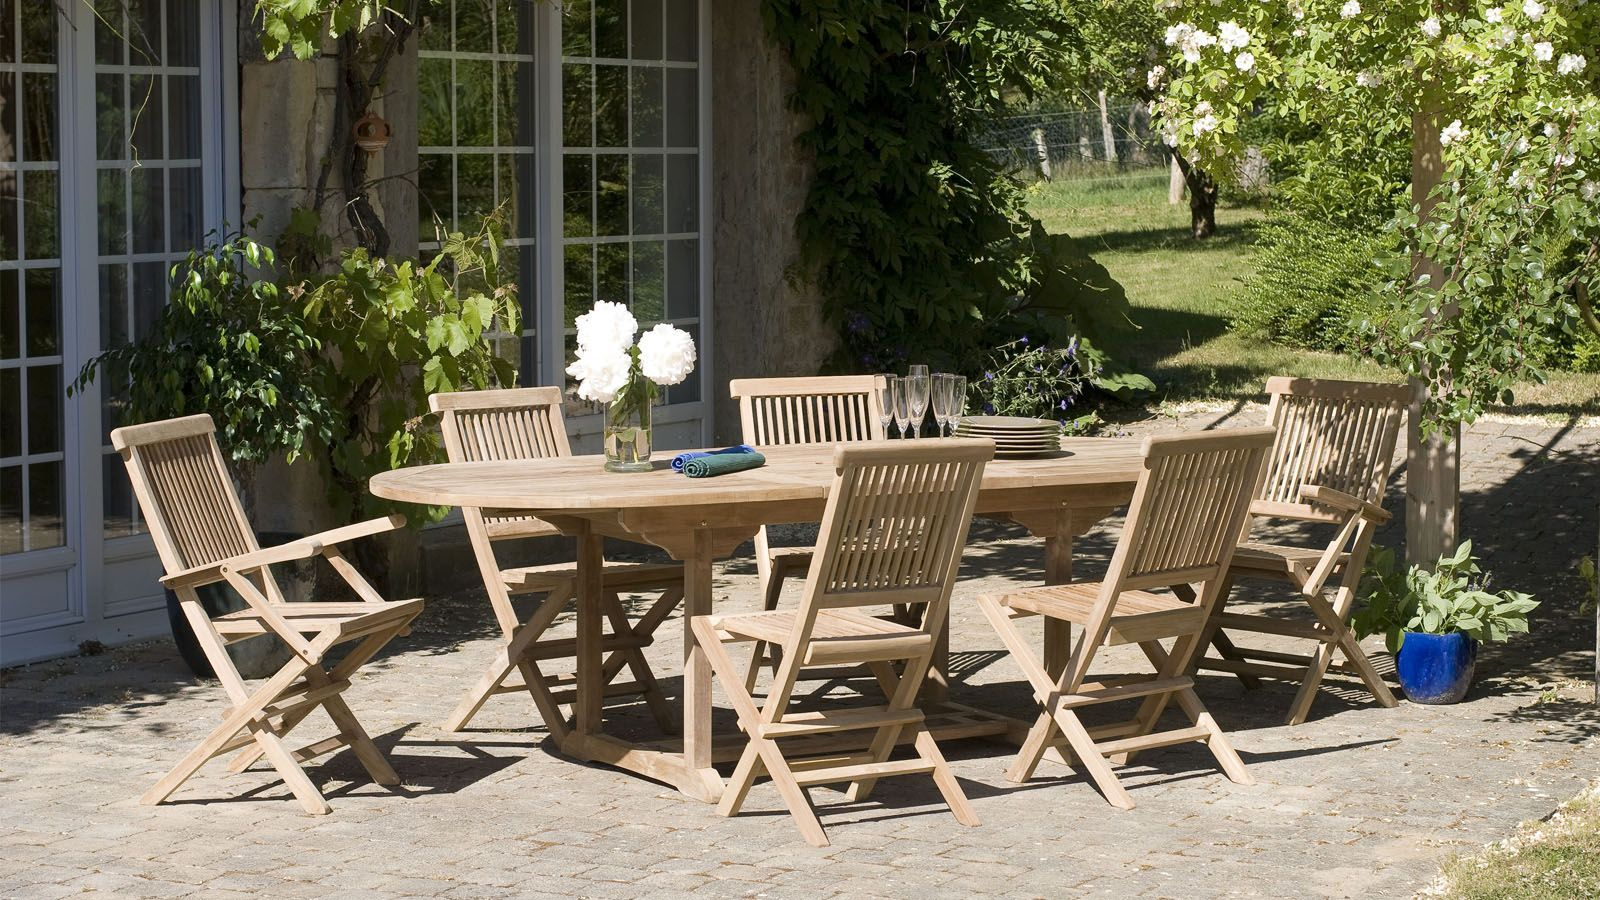 Salon De Jardin En Teck 6 Places - Collection Copa Cabana ... pour Salon De Jardin En Teck Pas Cher